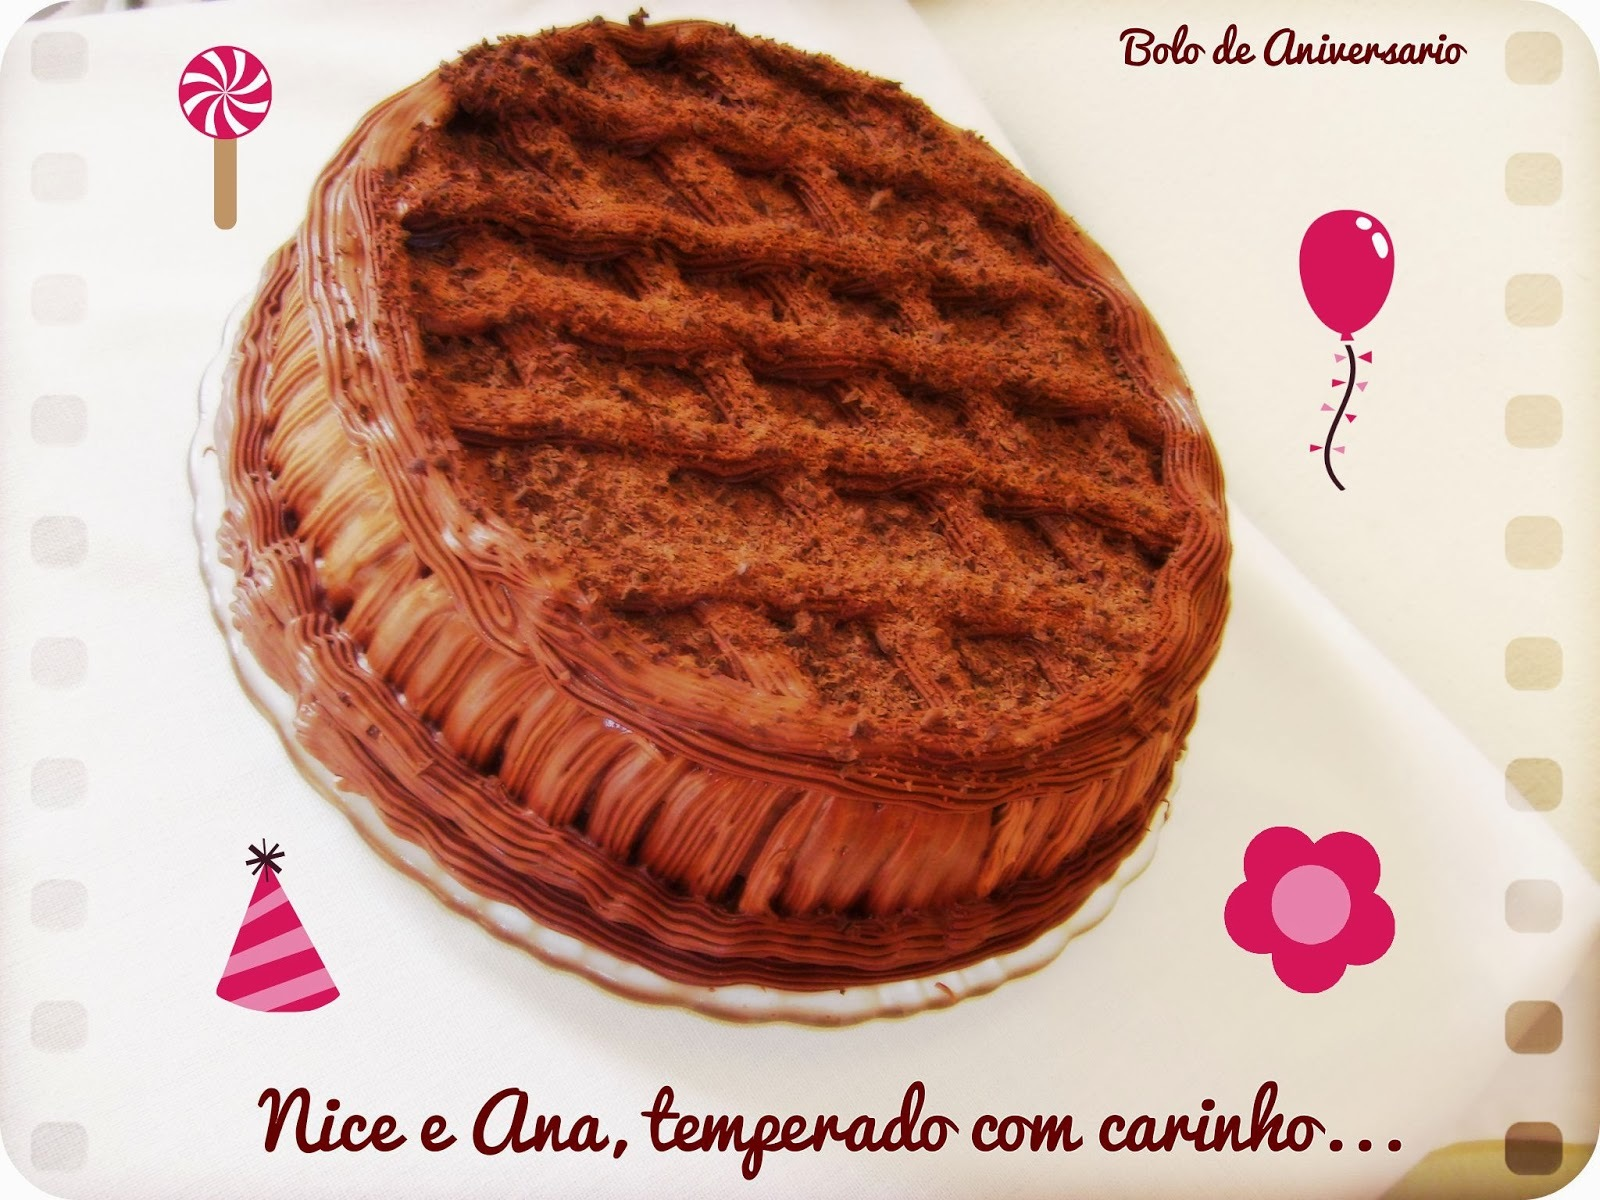 Bolo de Aniversário e Hoje é Meu Niver !!!